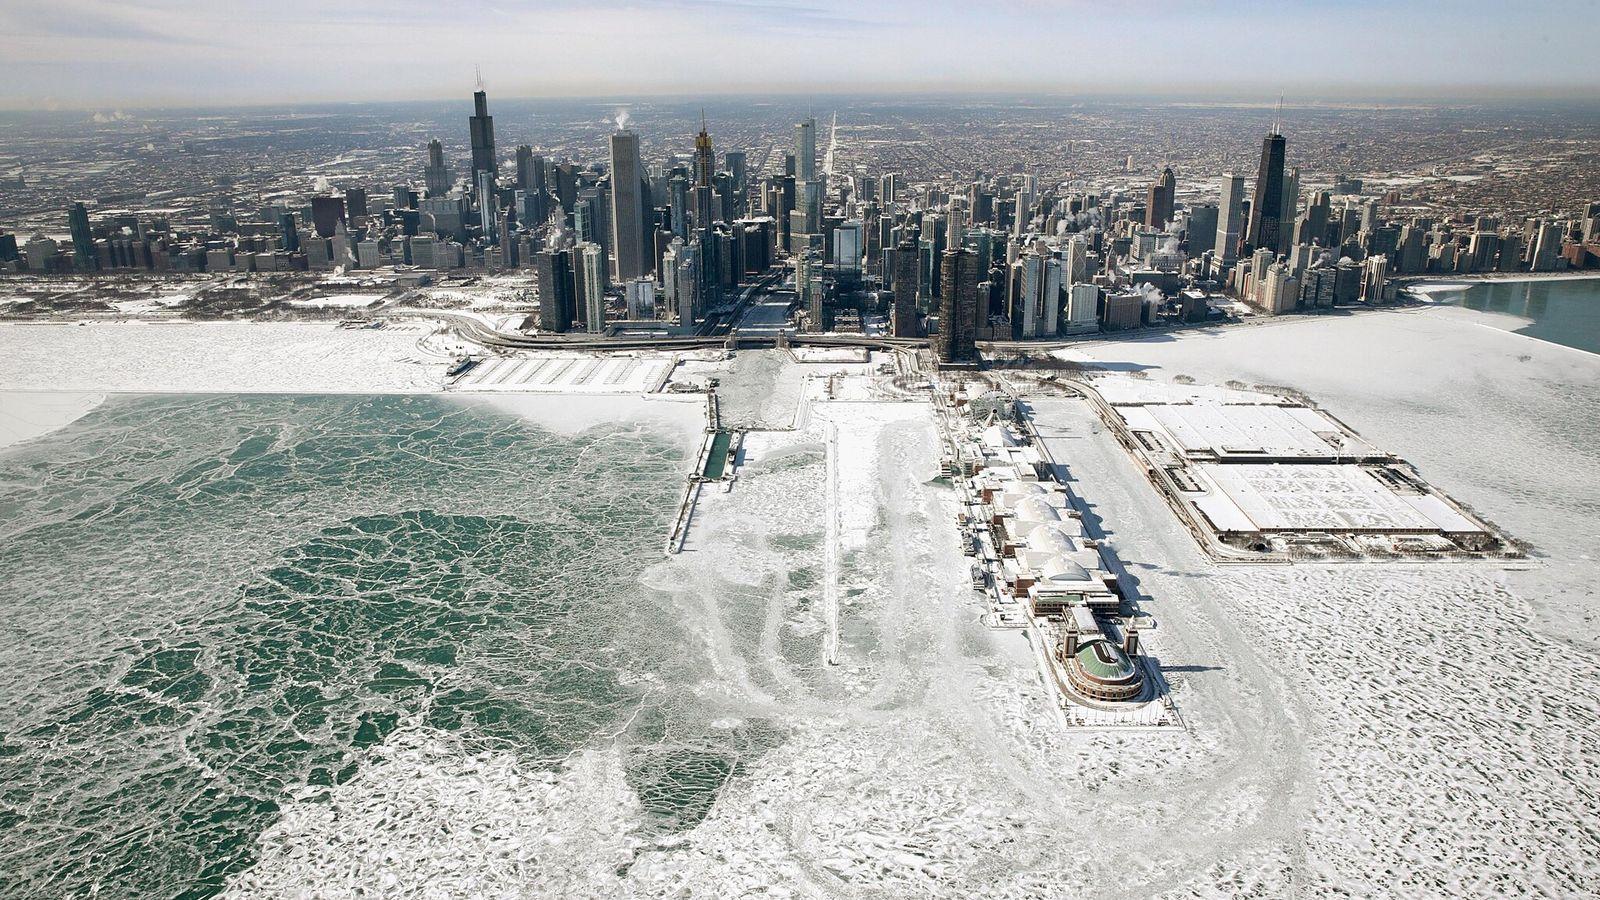 Gelo acumulado ao longo da costa do Lago Michigan quando as temperaturas caíram para cerca de ...